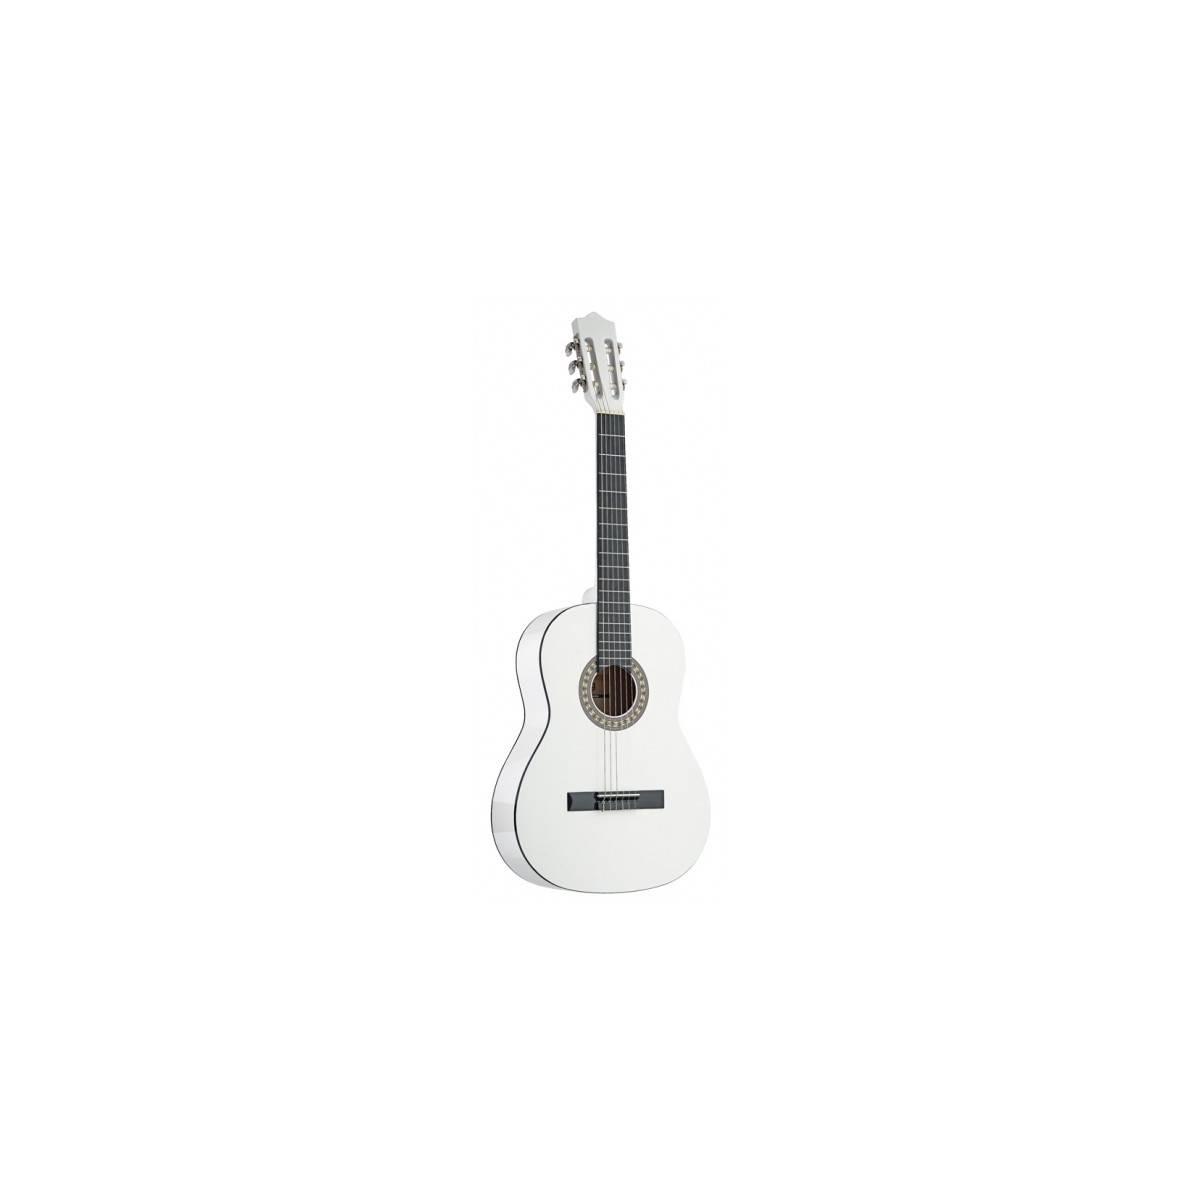 guitare enfant classique blanche 3 4 pas cher noizikidz. Black Bedroom Furniture Sets. Home Design Ideas